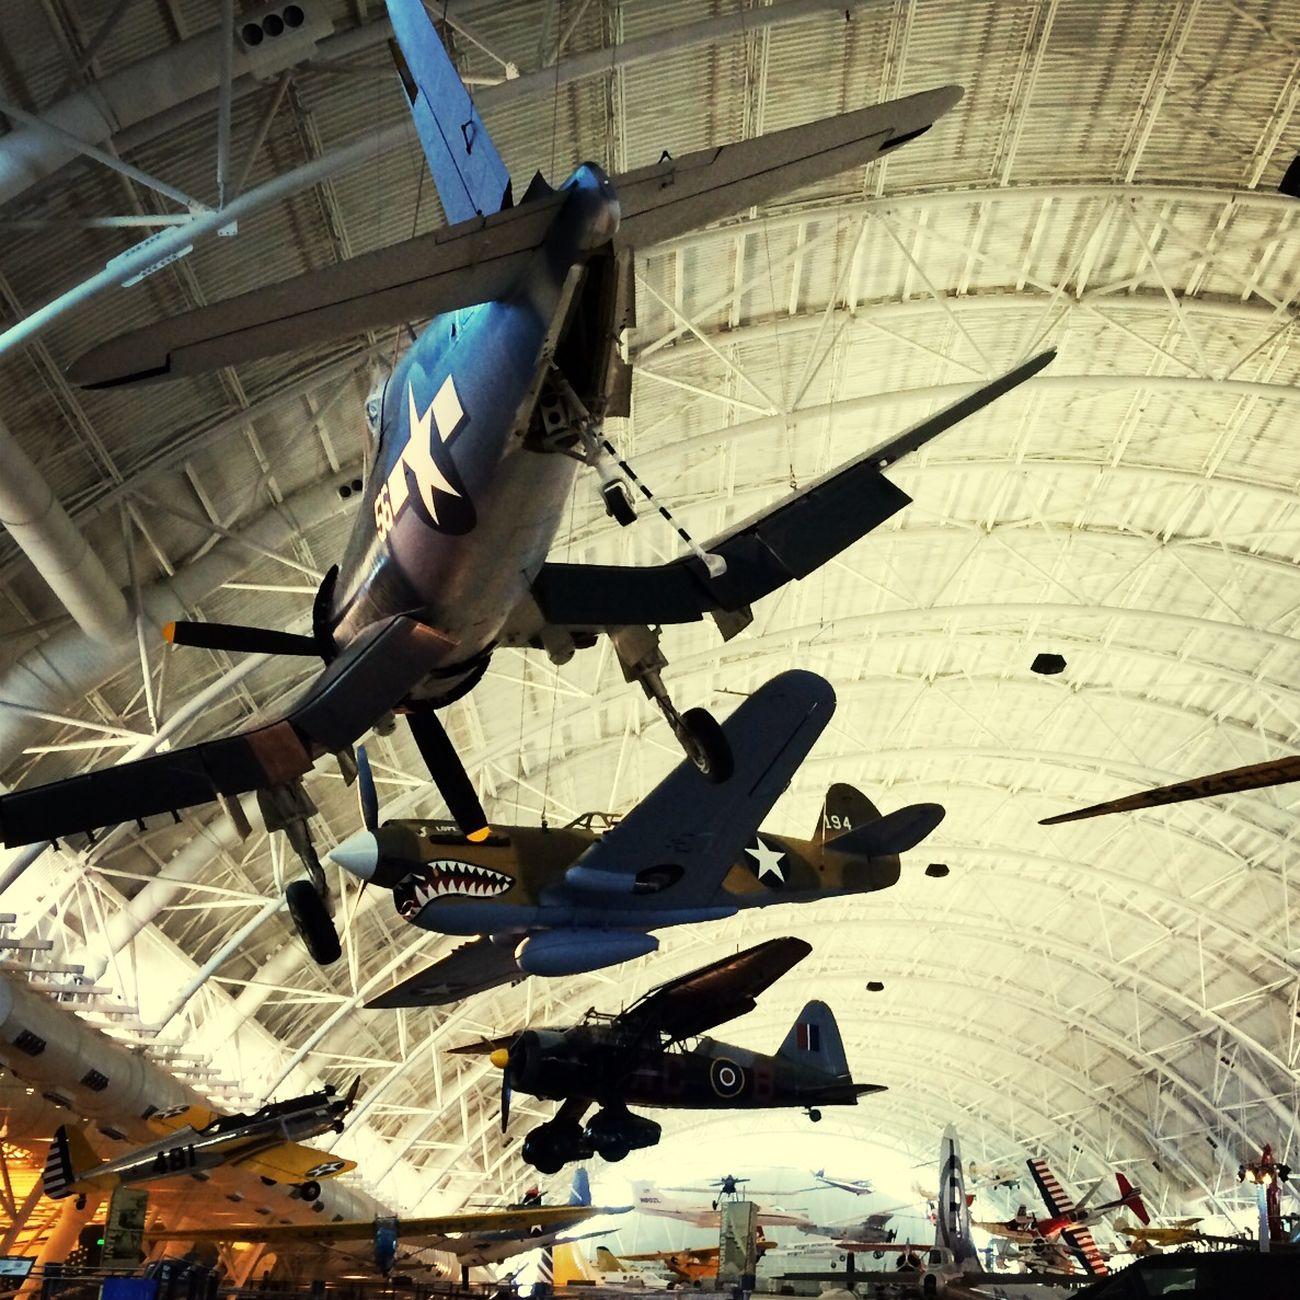 Vintage fliers -- Vintage Planes